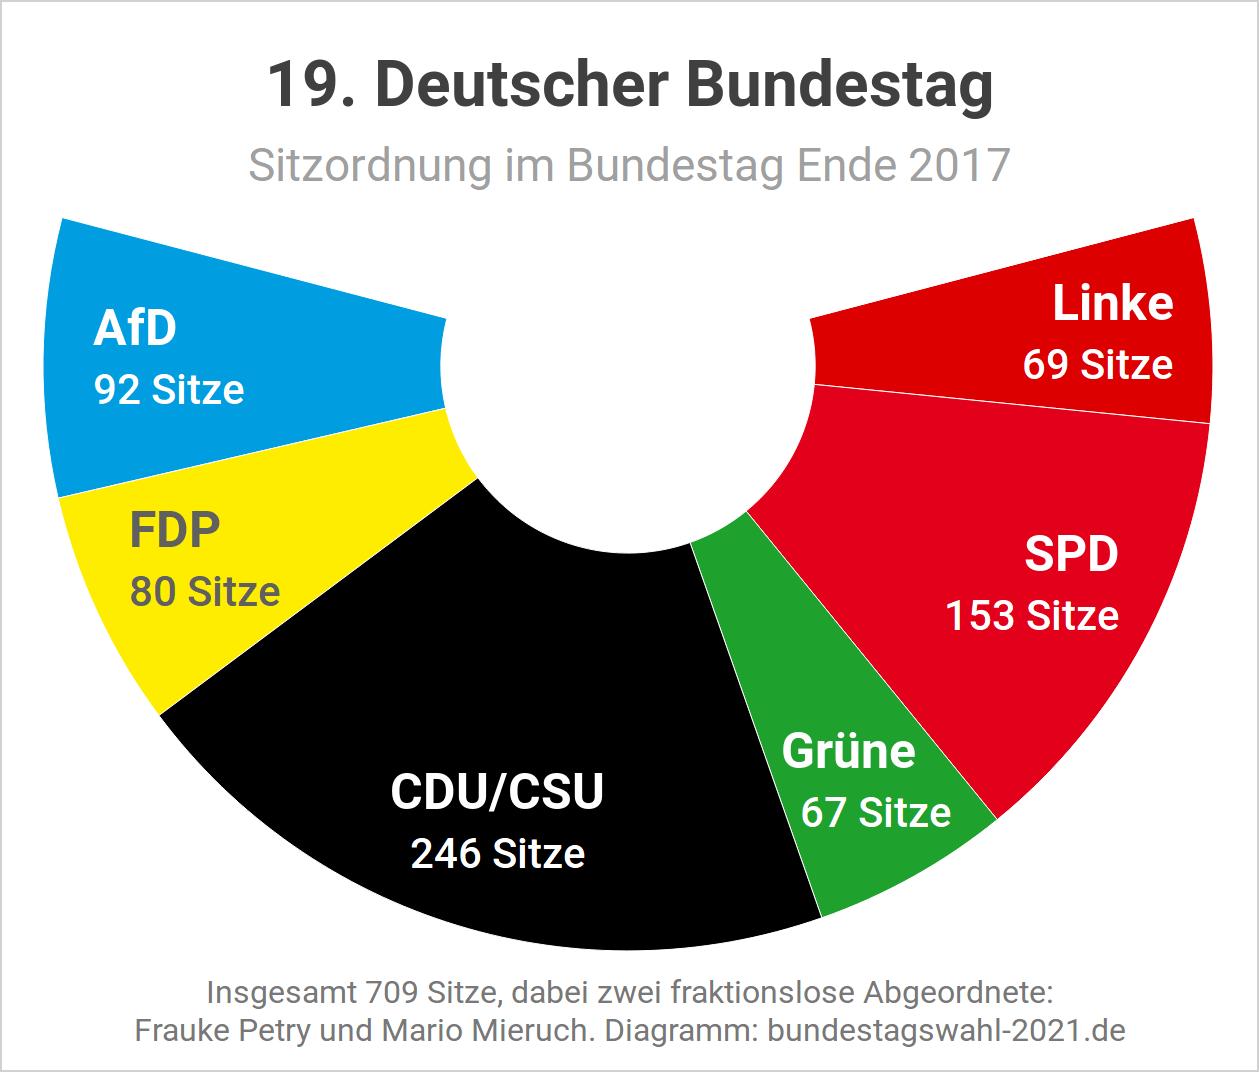 Sitzordnung im Bundestag nach der Bundestagswahl